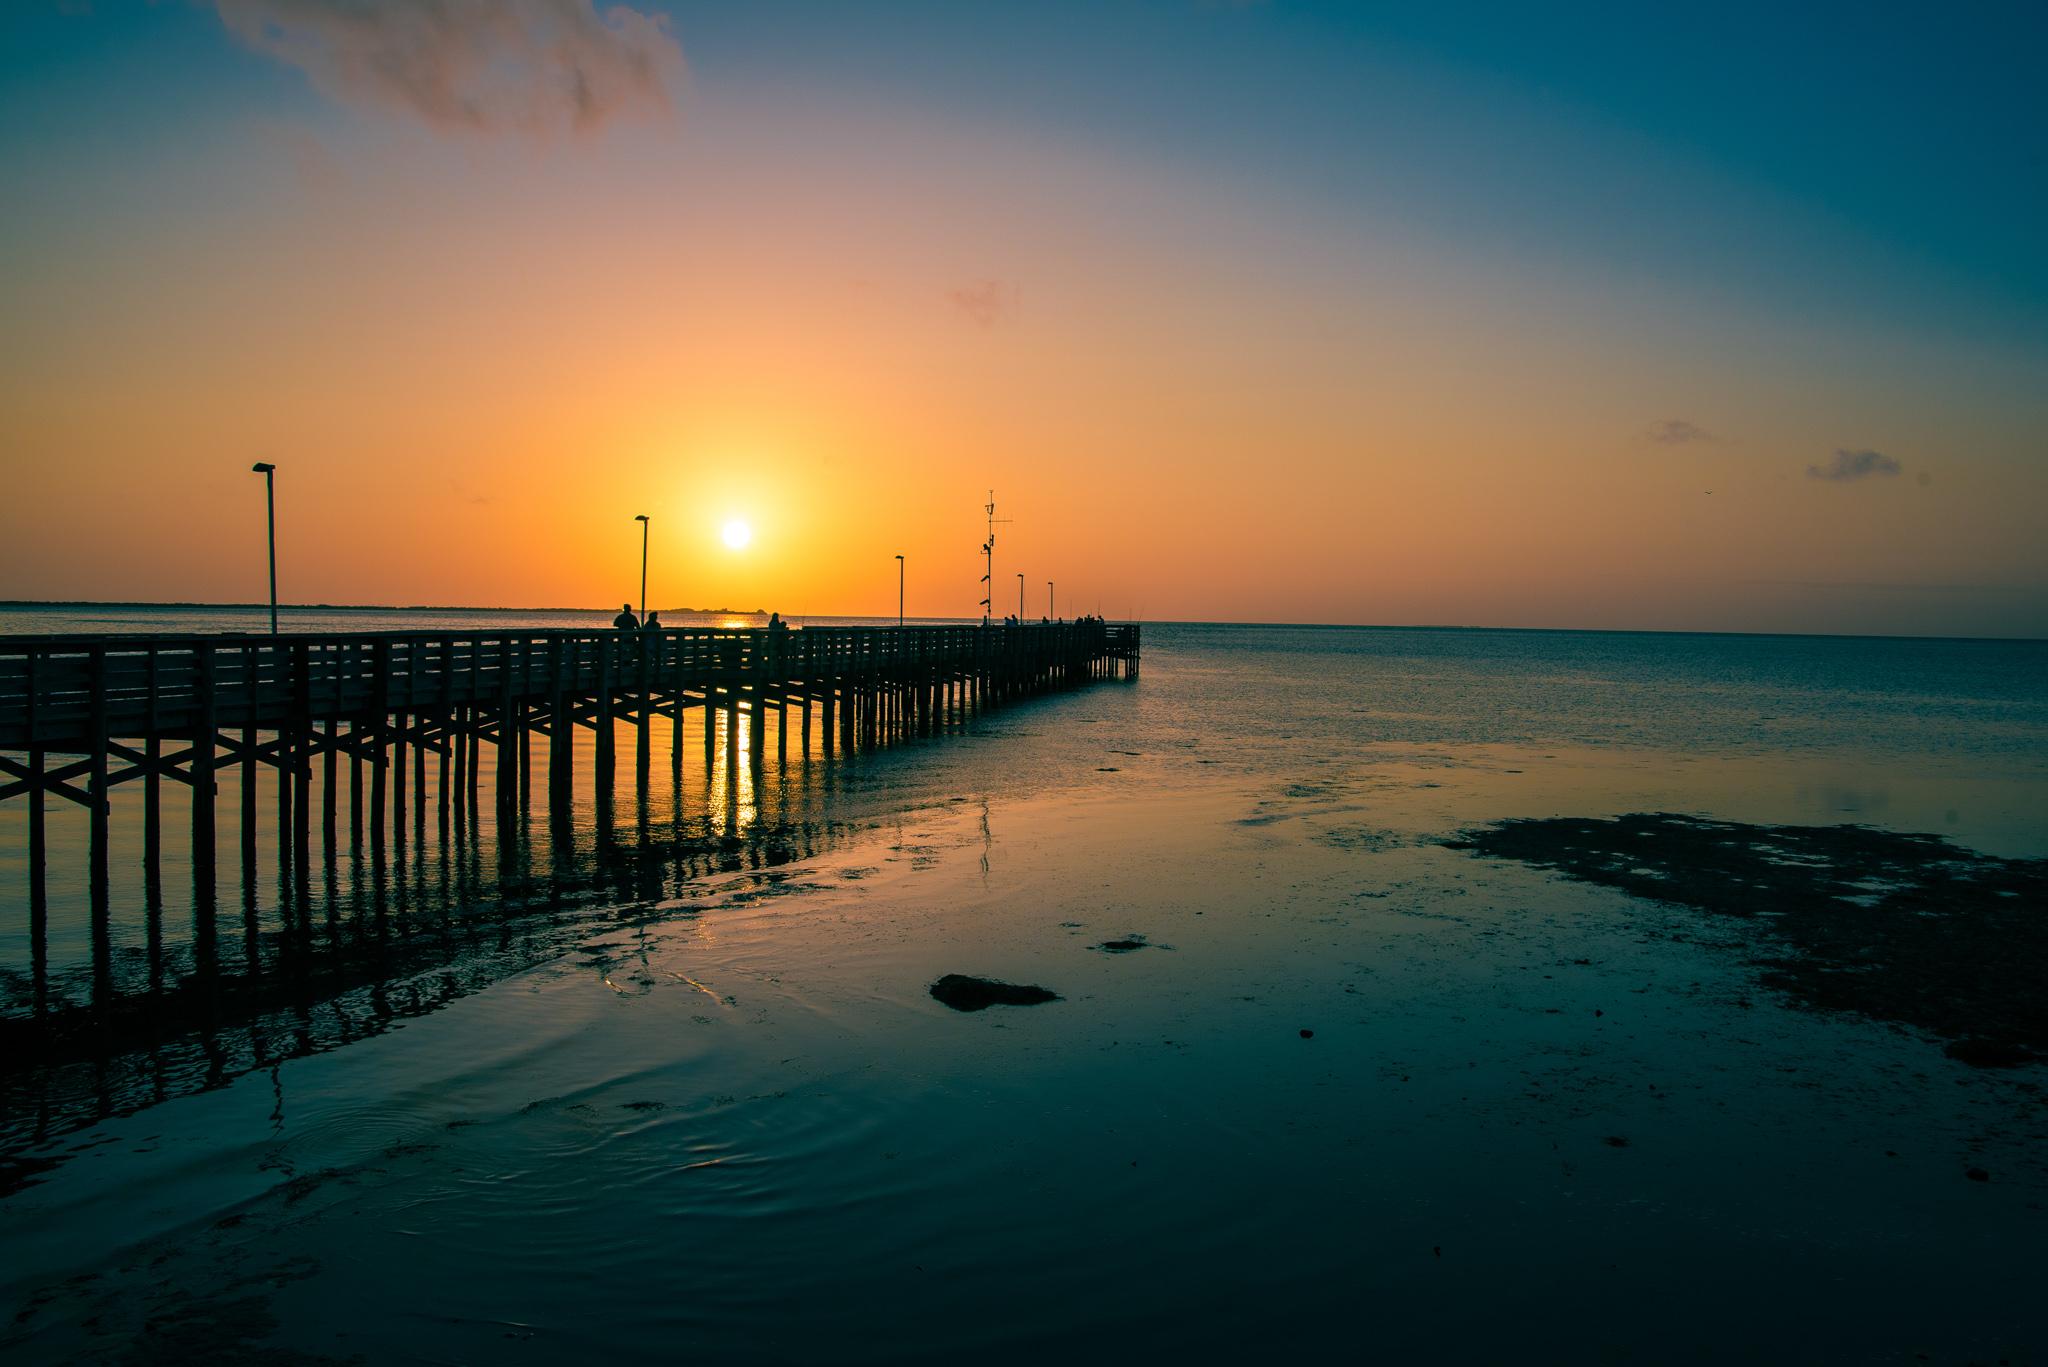 2016-05-19 - Anclote Pier - 012